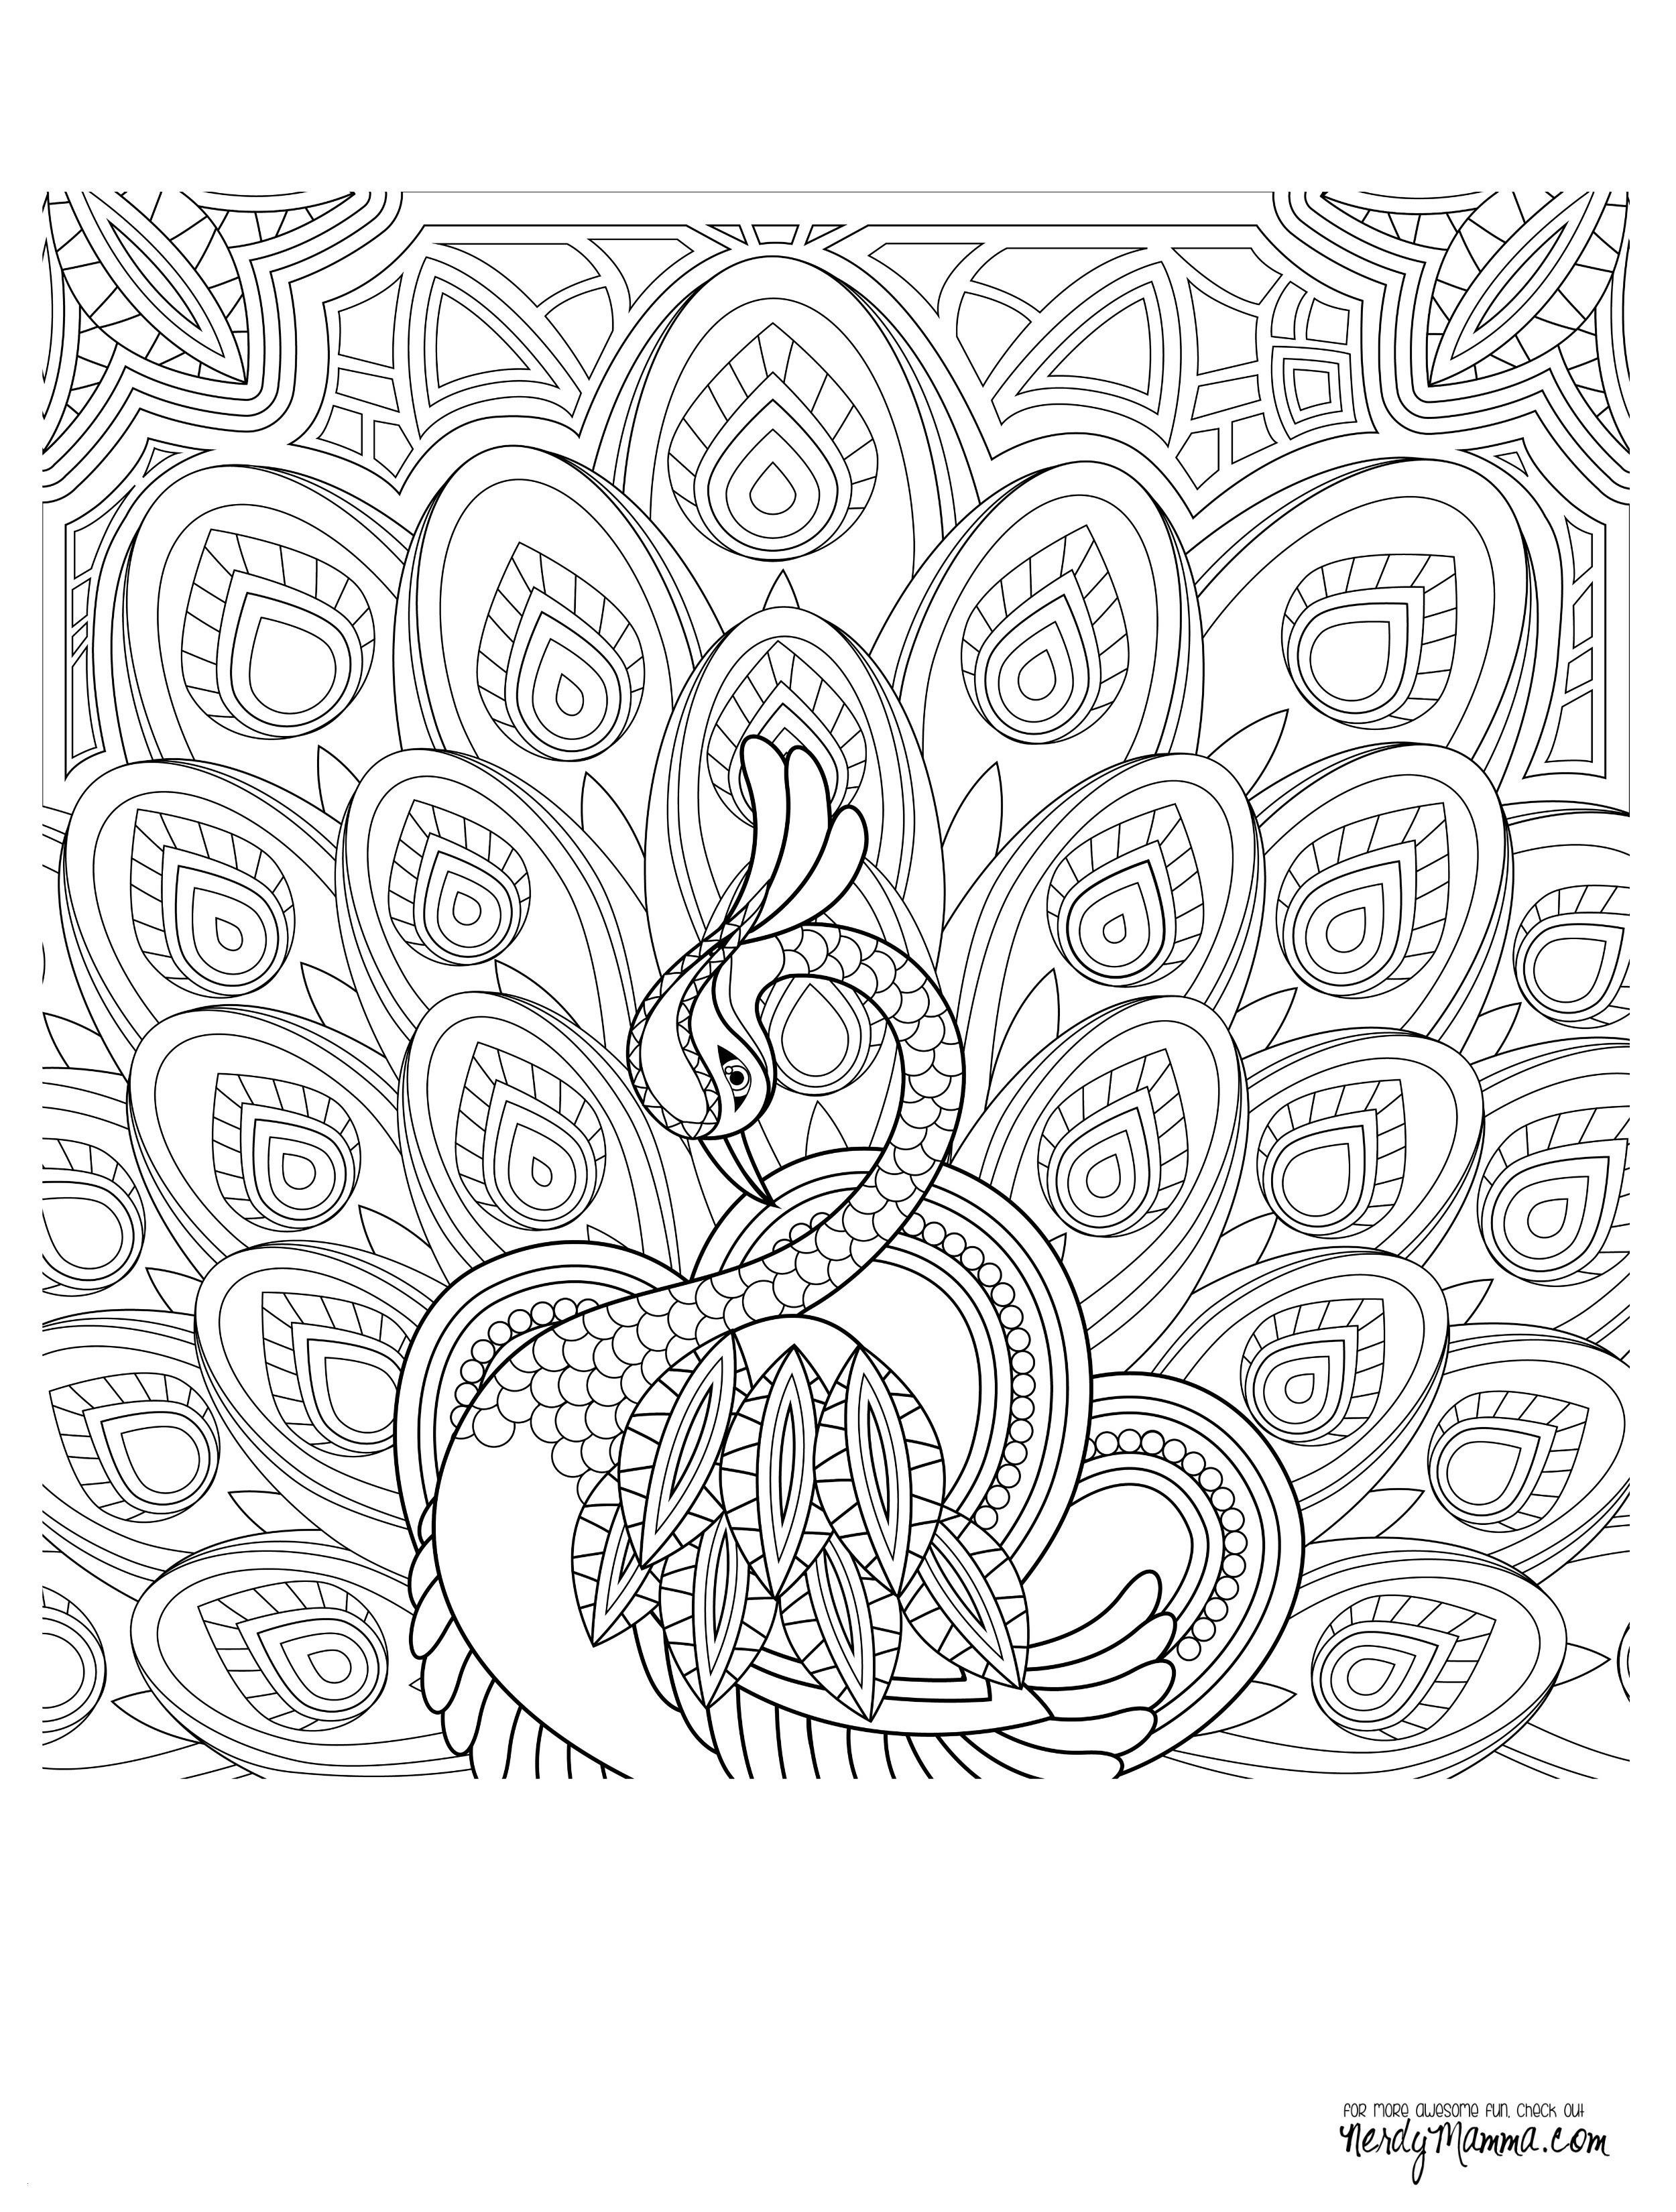 Ausmalbilder Weihnachten Mandala Genial 45 Einzigartig Weihnachten Mandala Ausmalbilder Beste Malvorlage Bilder